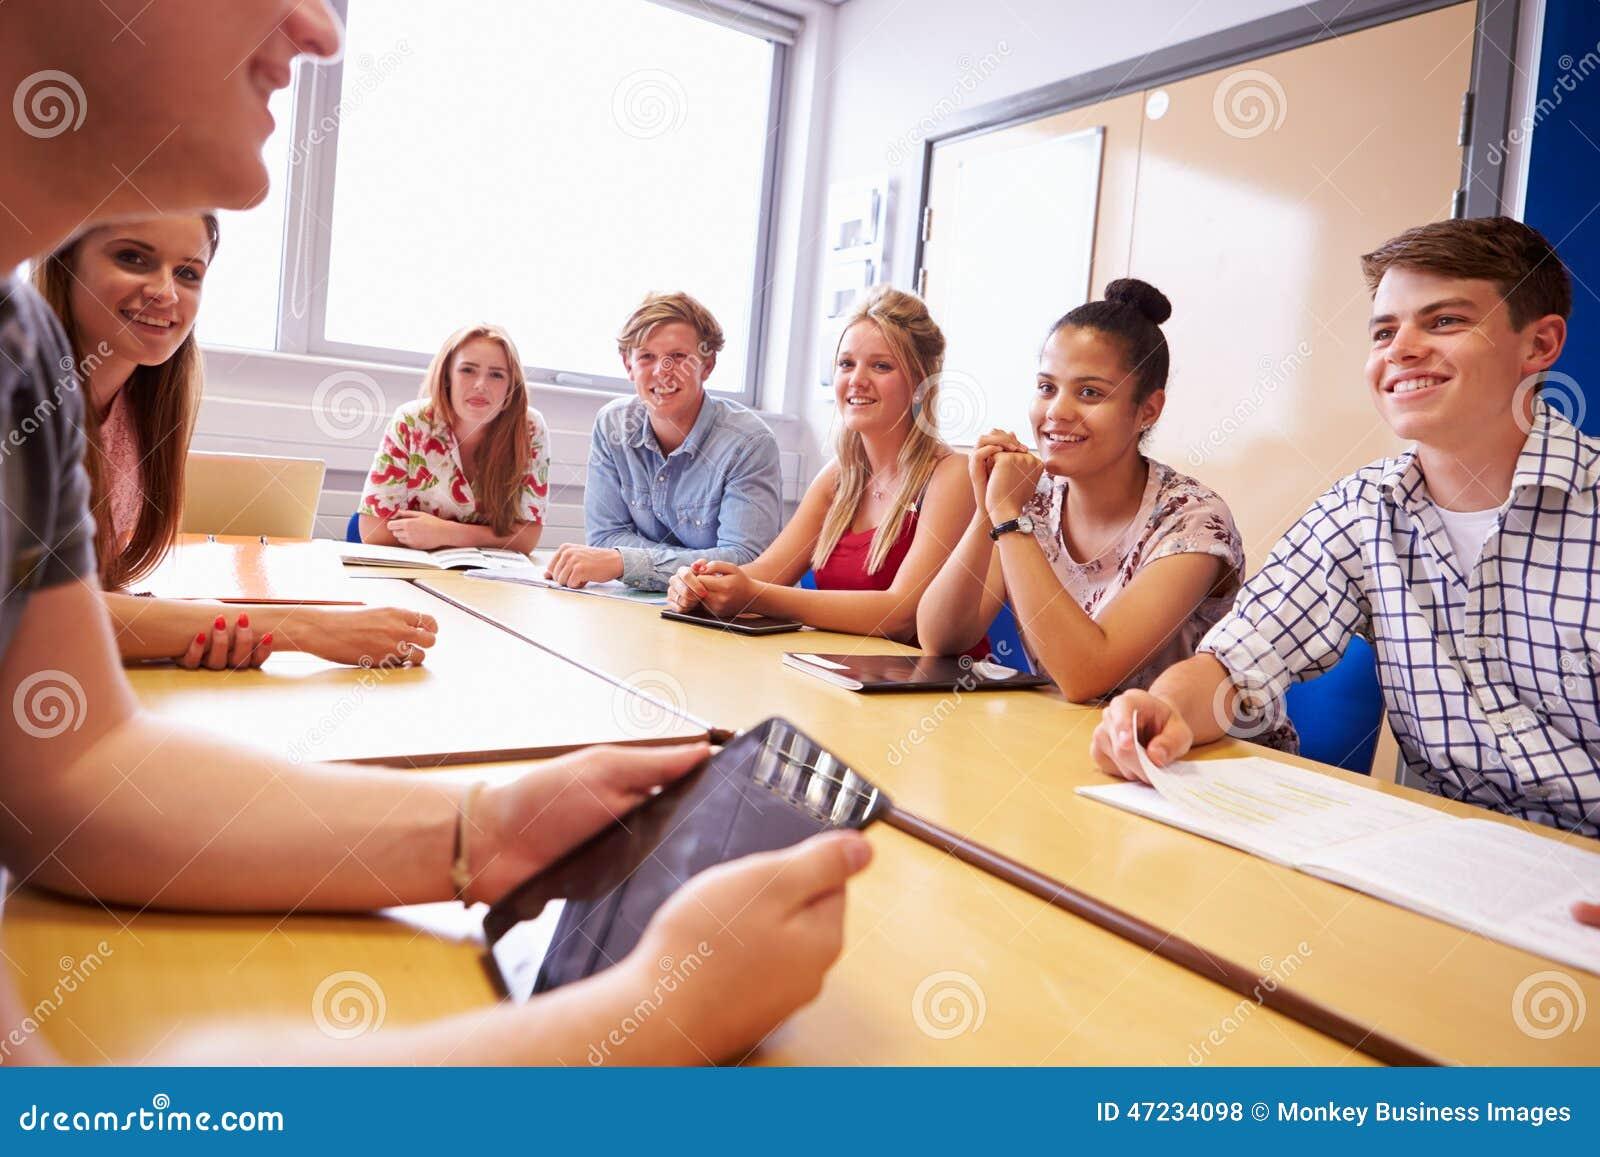 Gruppe Studenten, die bei Tisch sitzen, Diskussion habend